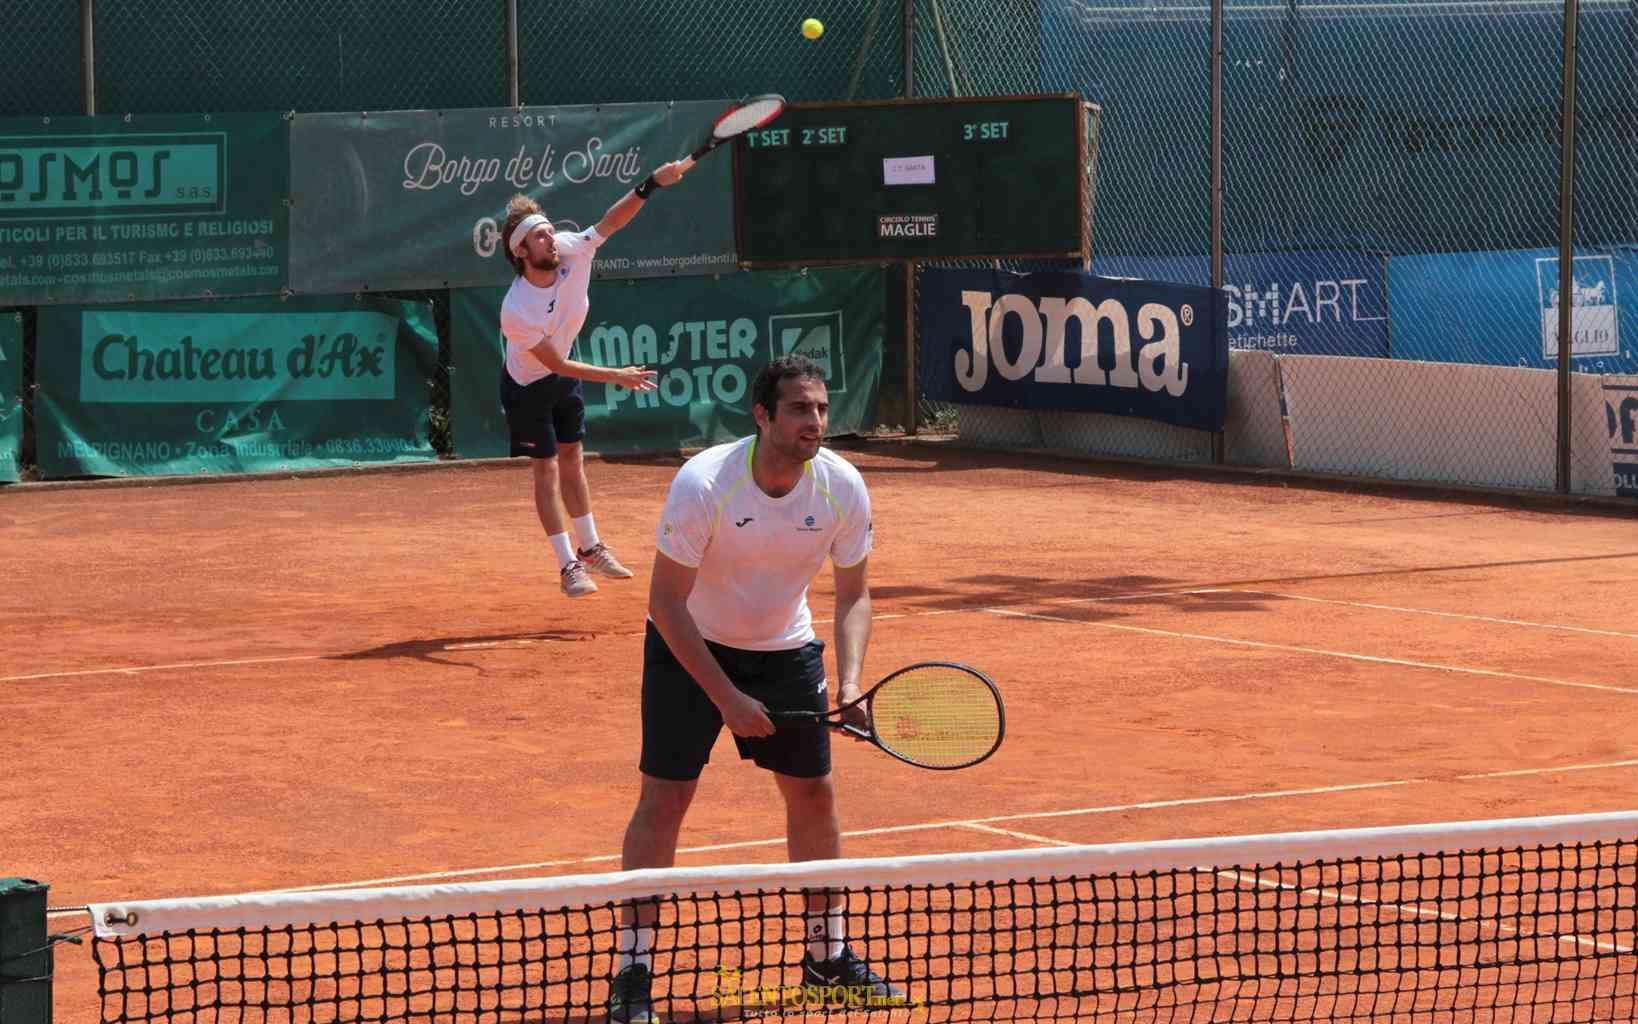 frisullo-baglivo-ct-maglie-tennis-squadre